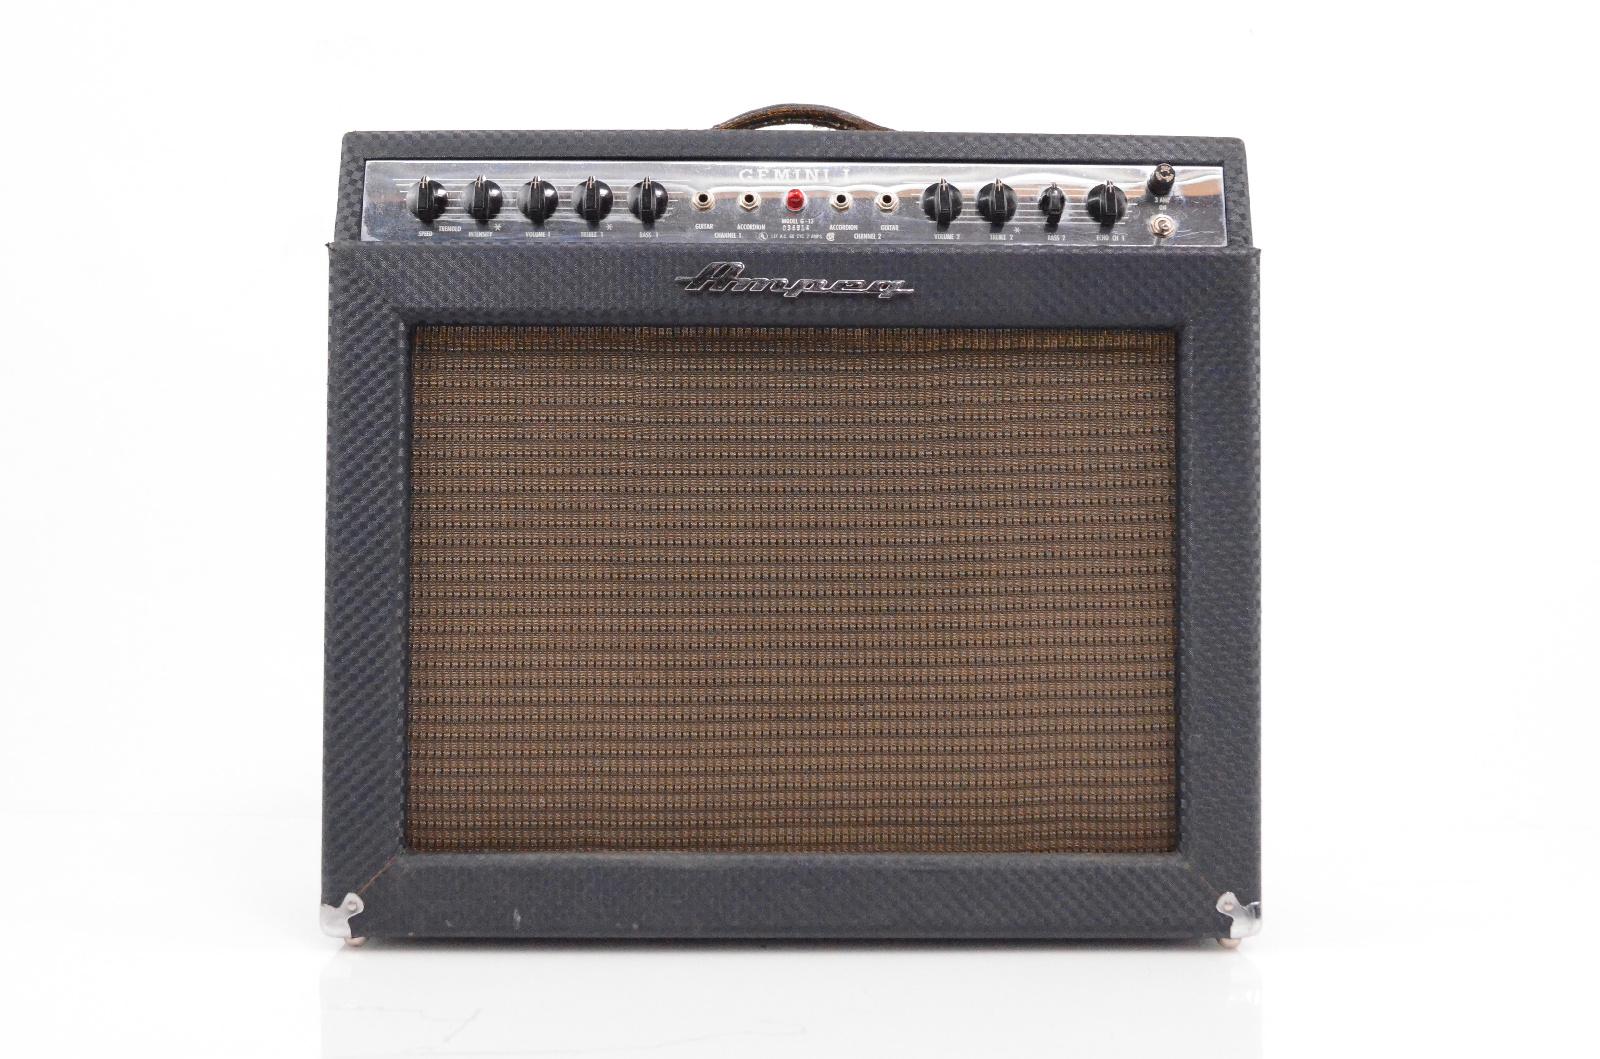 1966 Ampeg G-12 Gemini I Tube 1x12 Combo Guitar Amplifier Amp G12 #32406